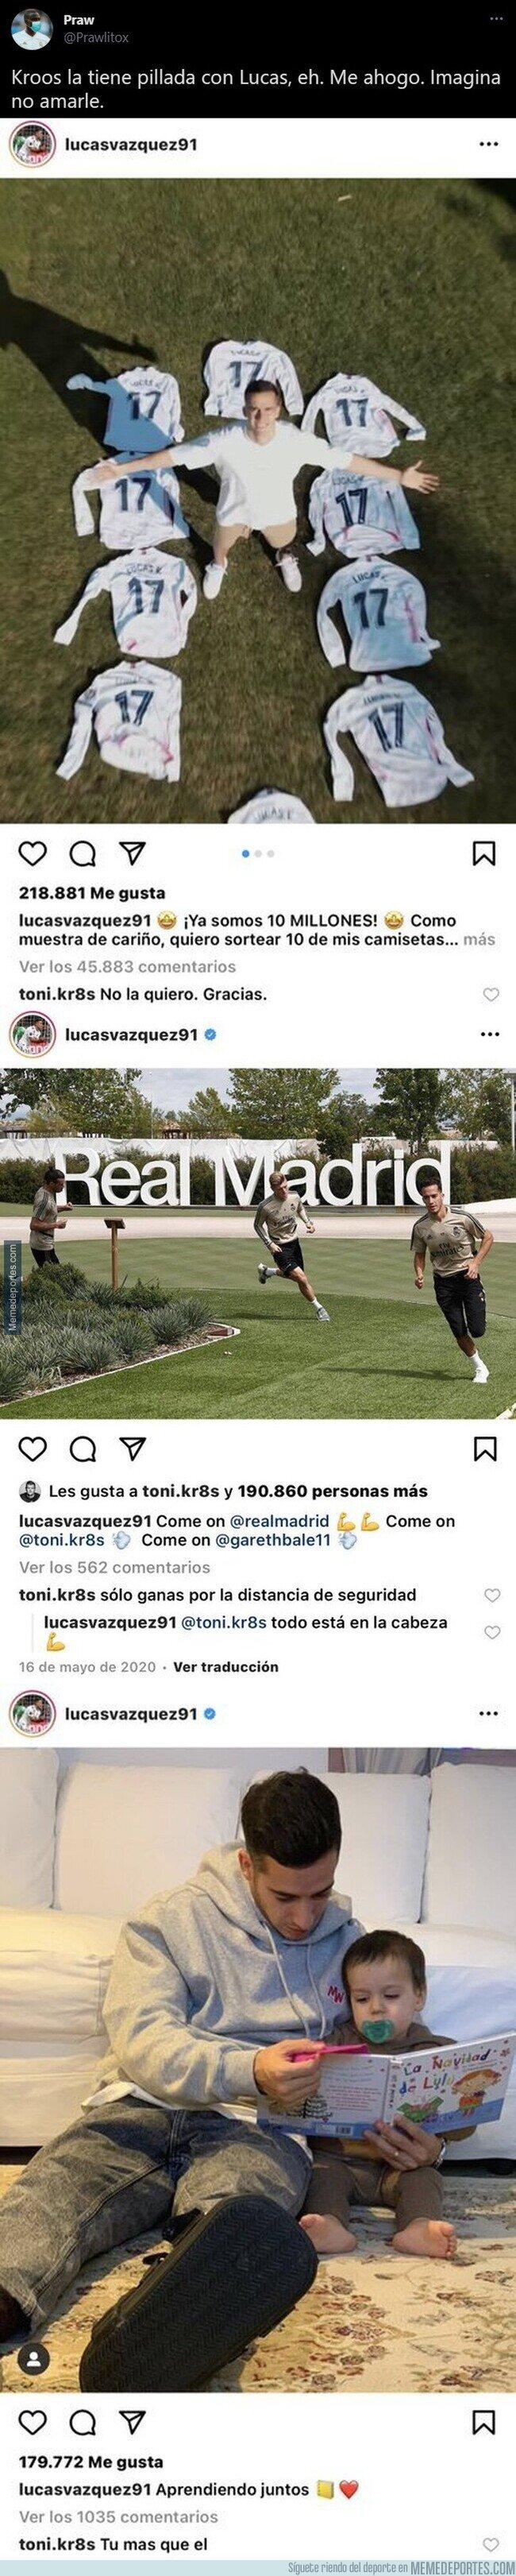 1134054 - Toni Kroos se gana el aplauso de todo el madridismo por estas respuestas que le deja a Lucas Vázquez en redes sociales